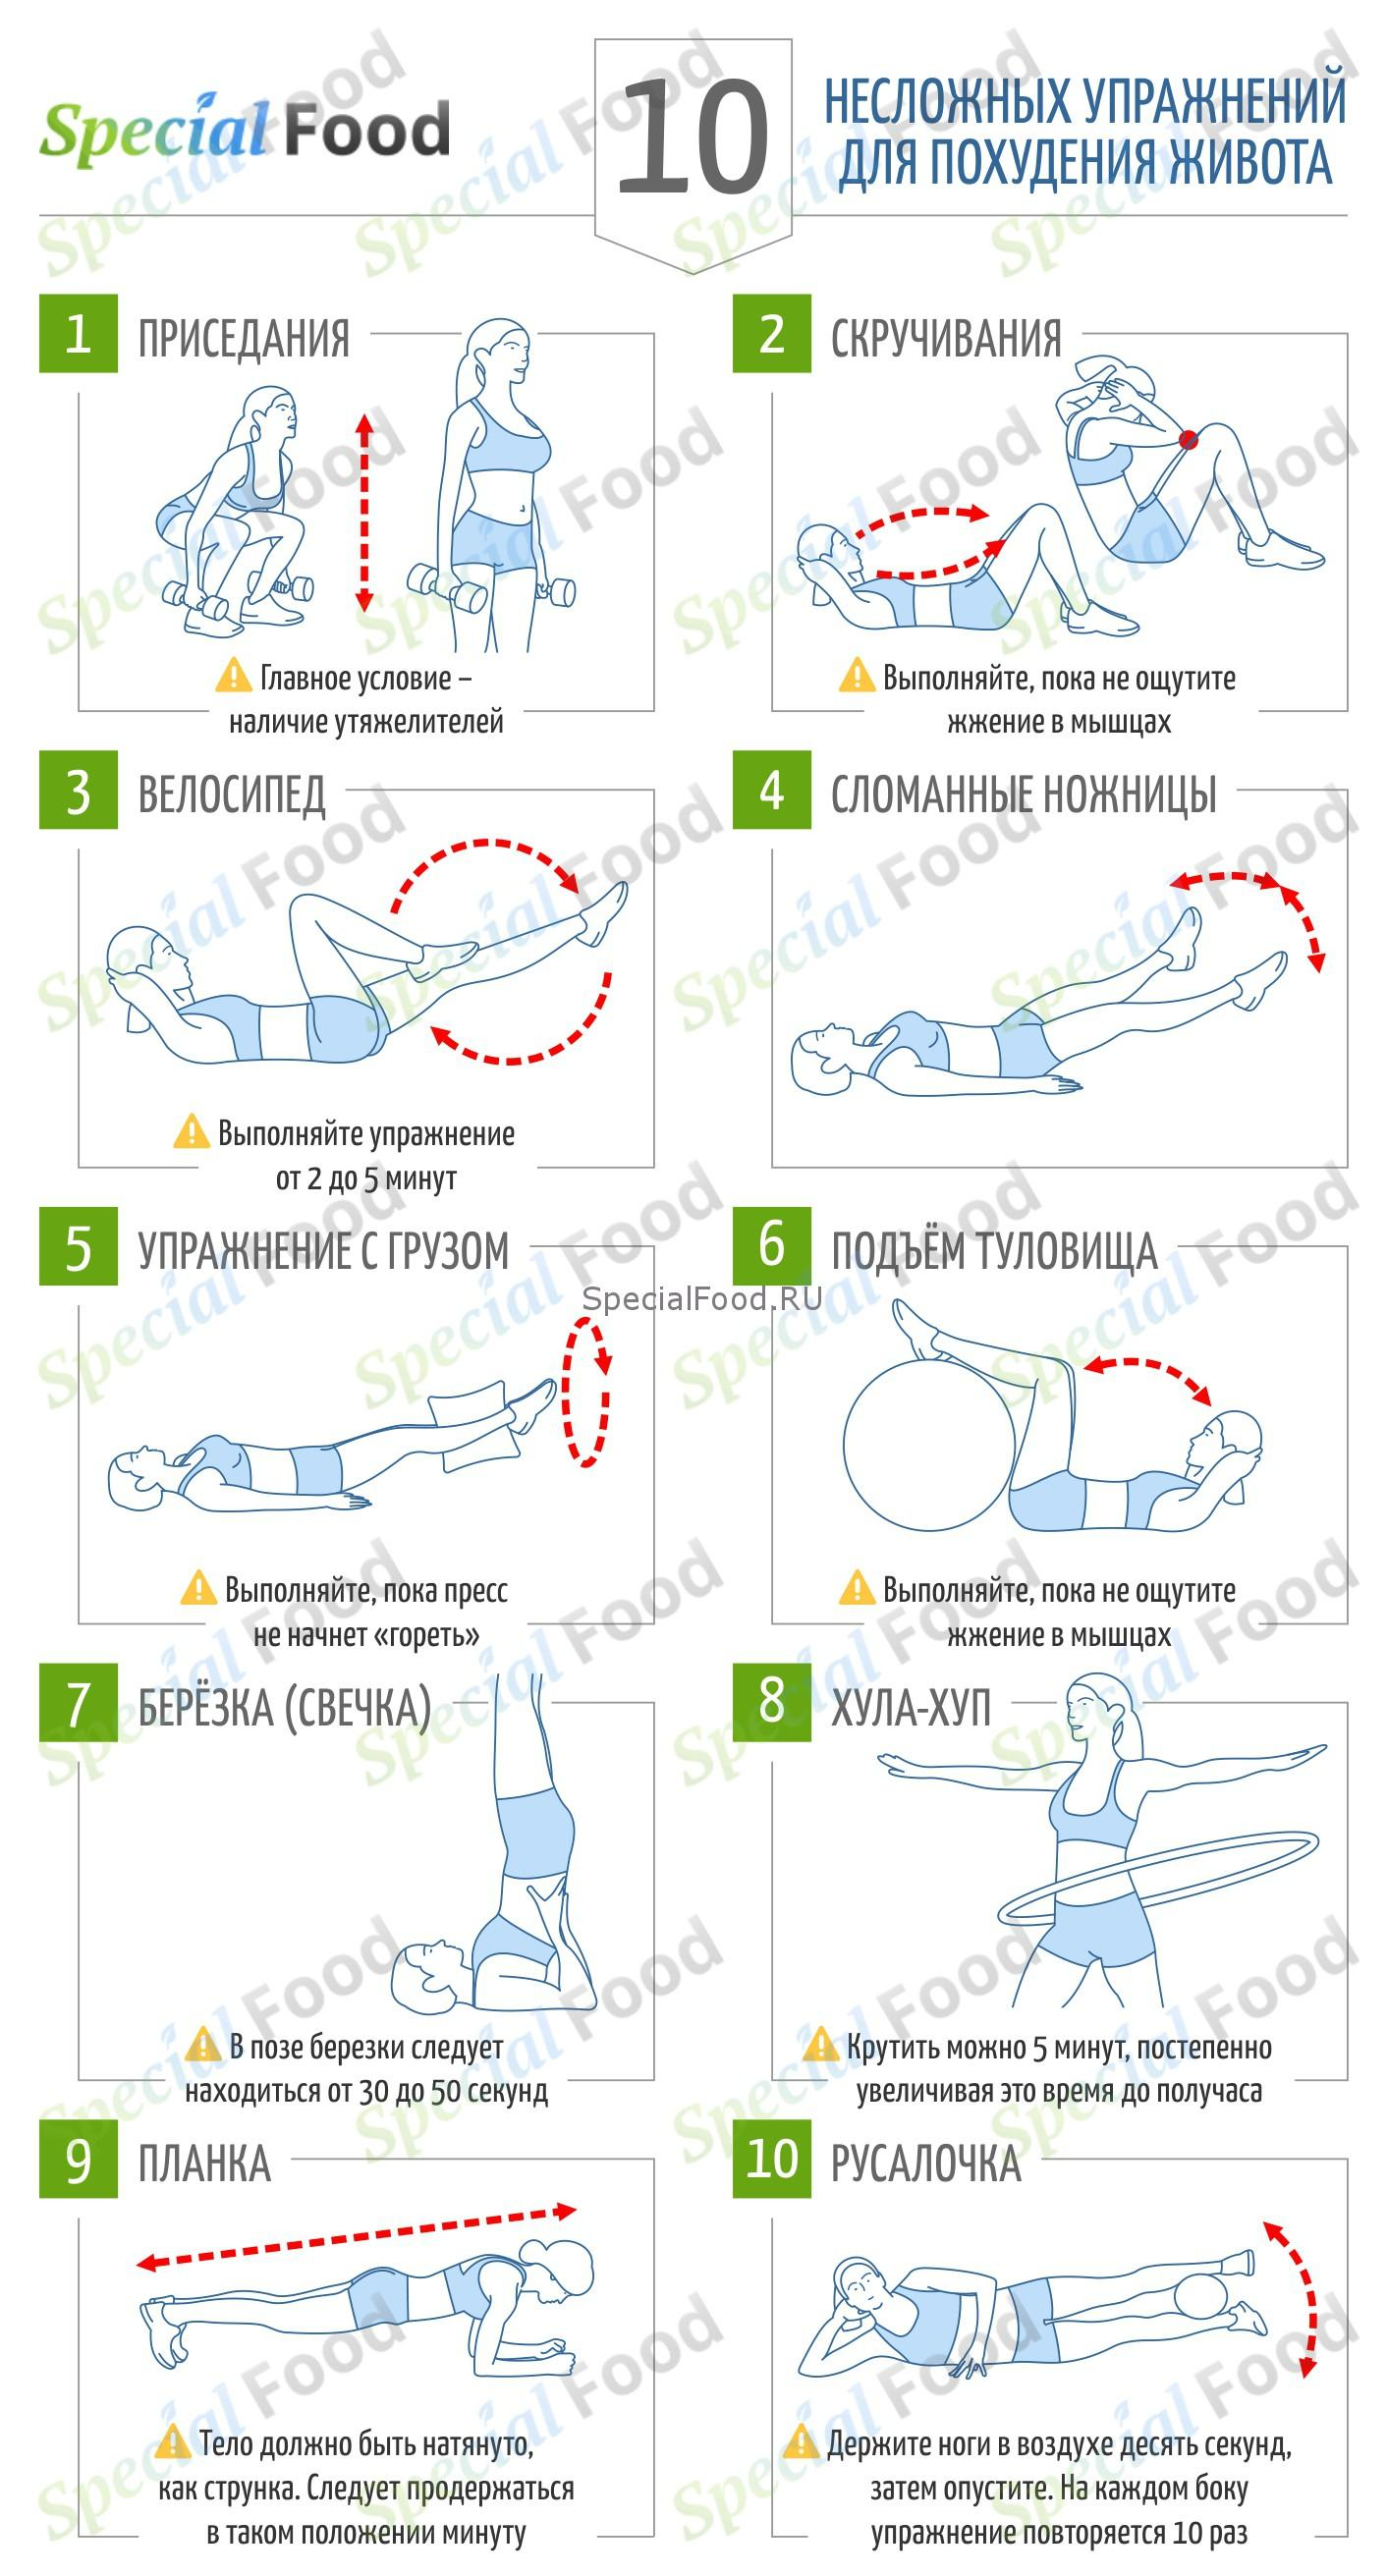 Видео уроки для похудения ноги и бедра